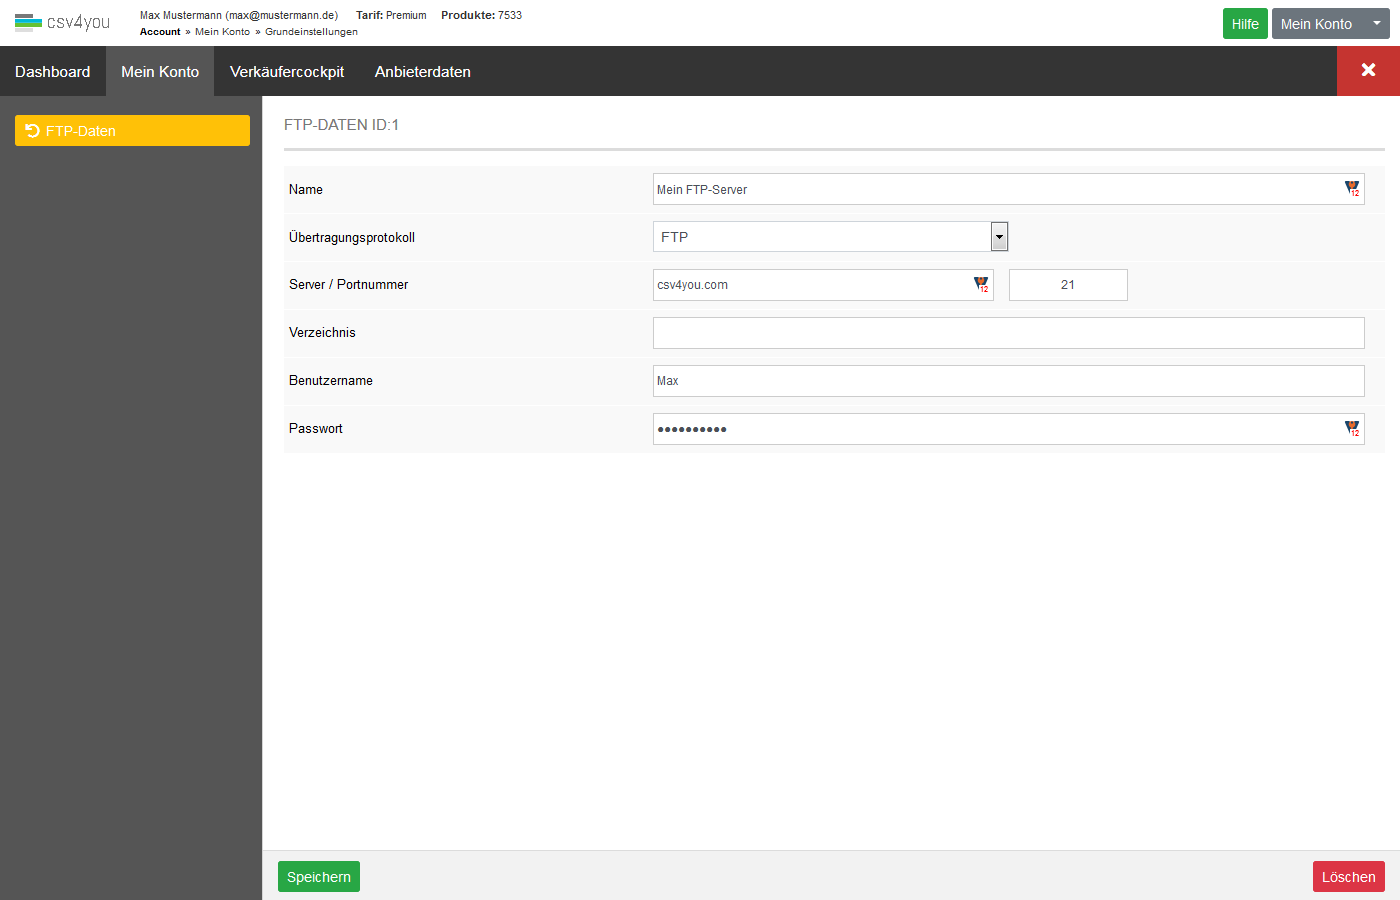 Mein Konto - Grundeinstellungen - FTP - Server